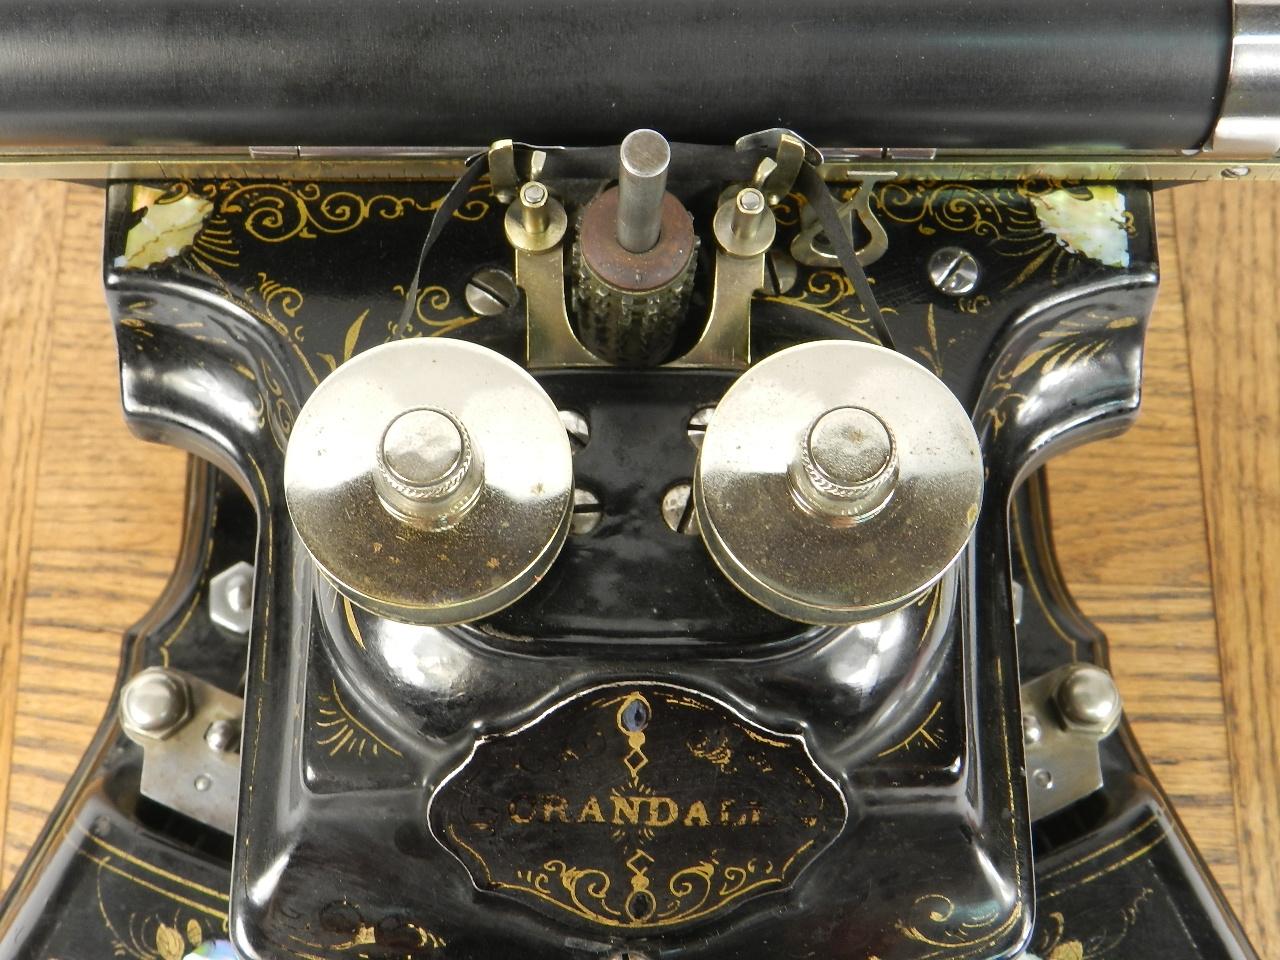 Imagen CRANDALL NEW MODEL AÑO 1885 31917